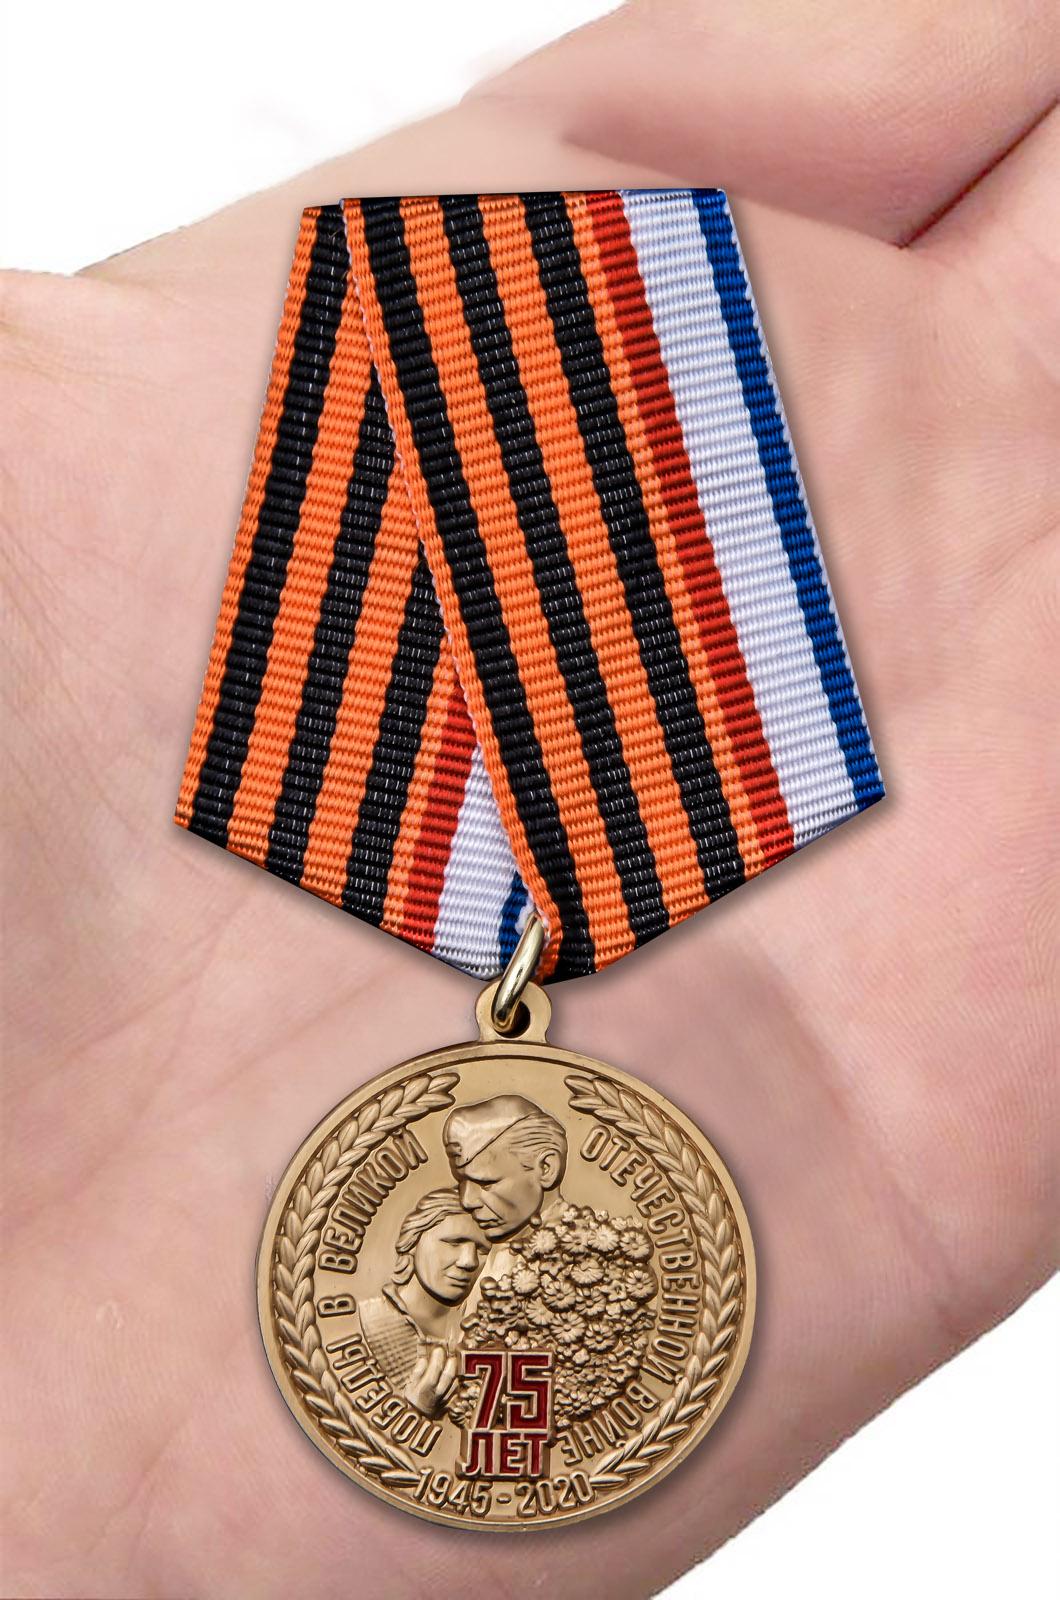 Наградная медаль 75 лет Победы в ВОВ Республика Крым - вид на ладони